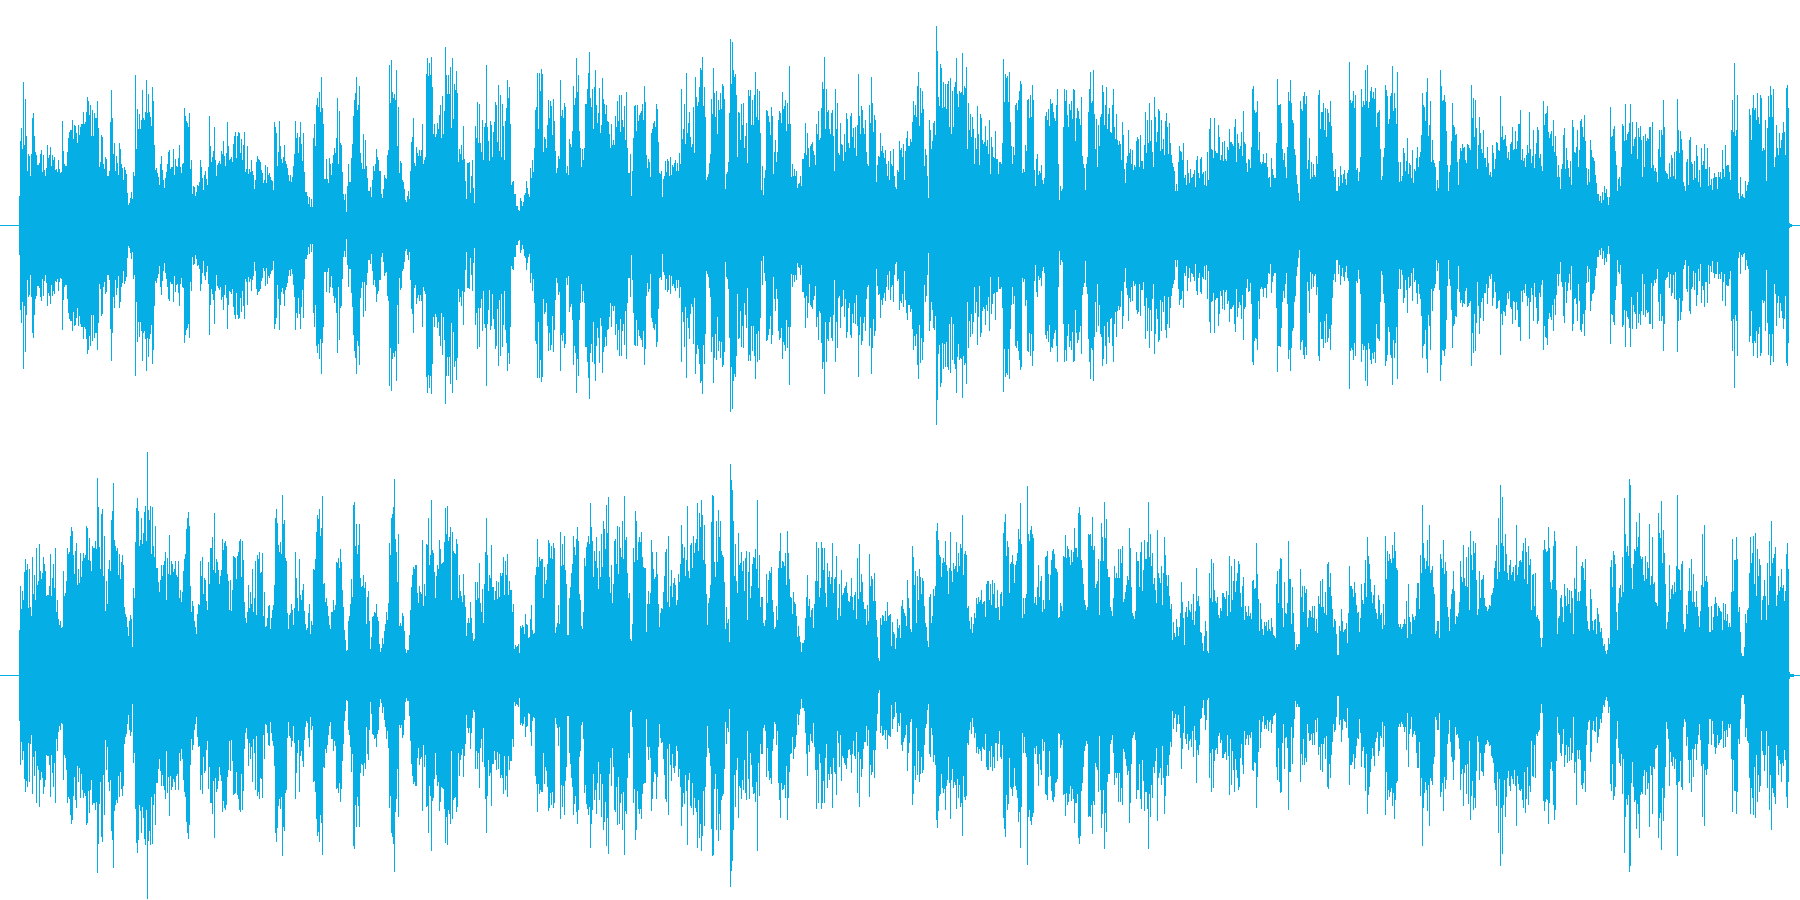 電撃のビリビリ音の再生済みの波形